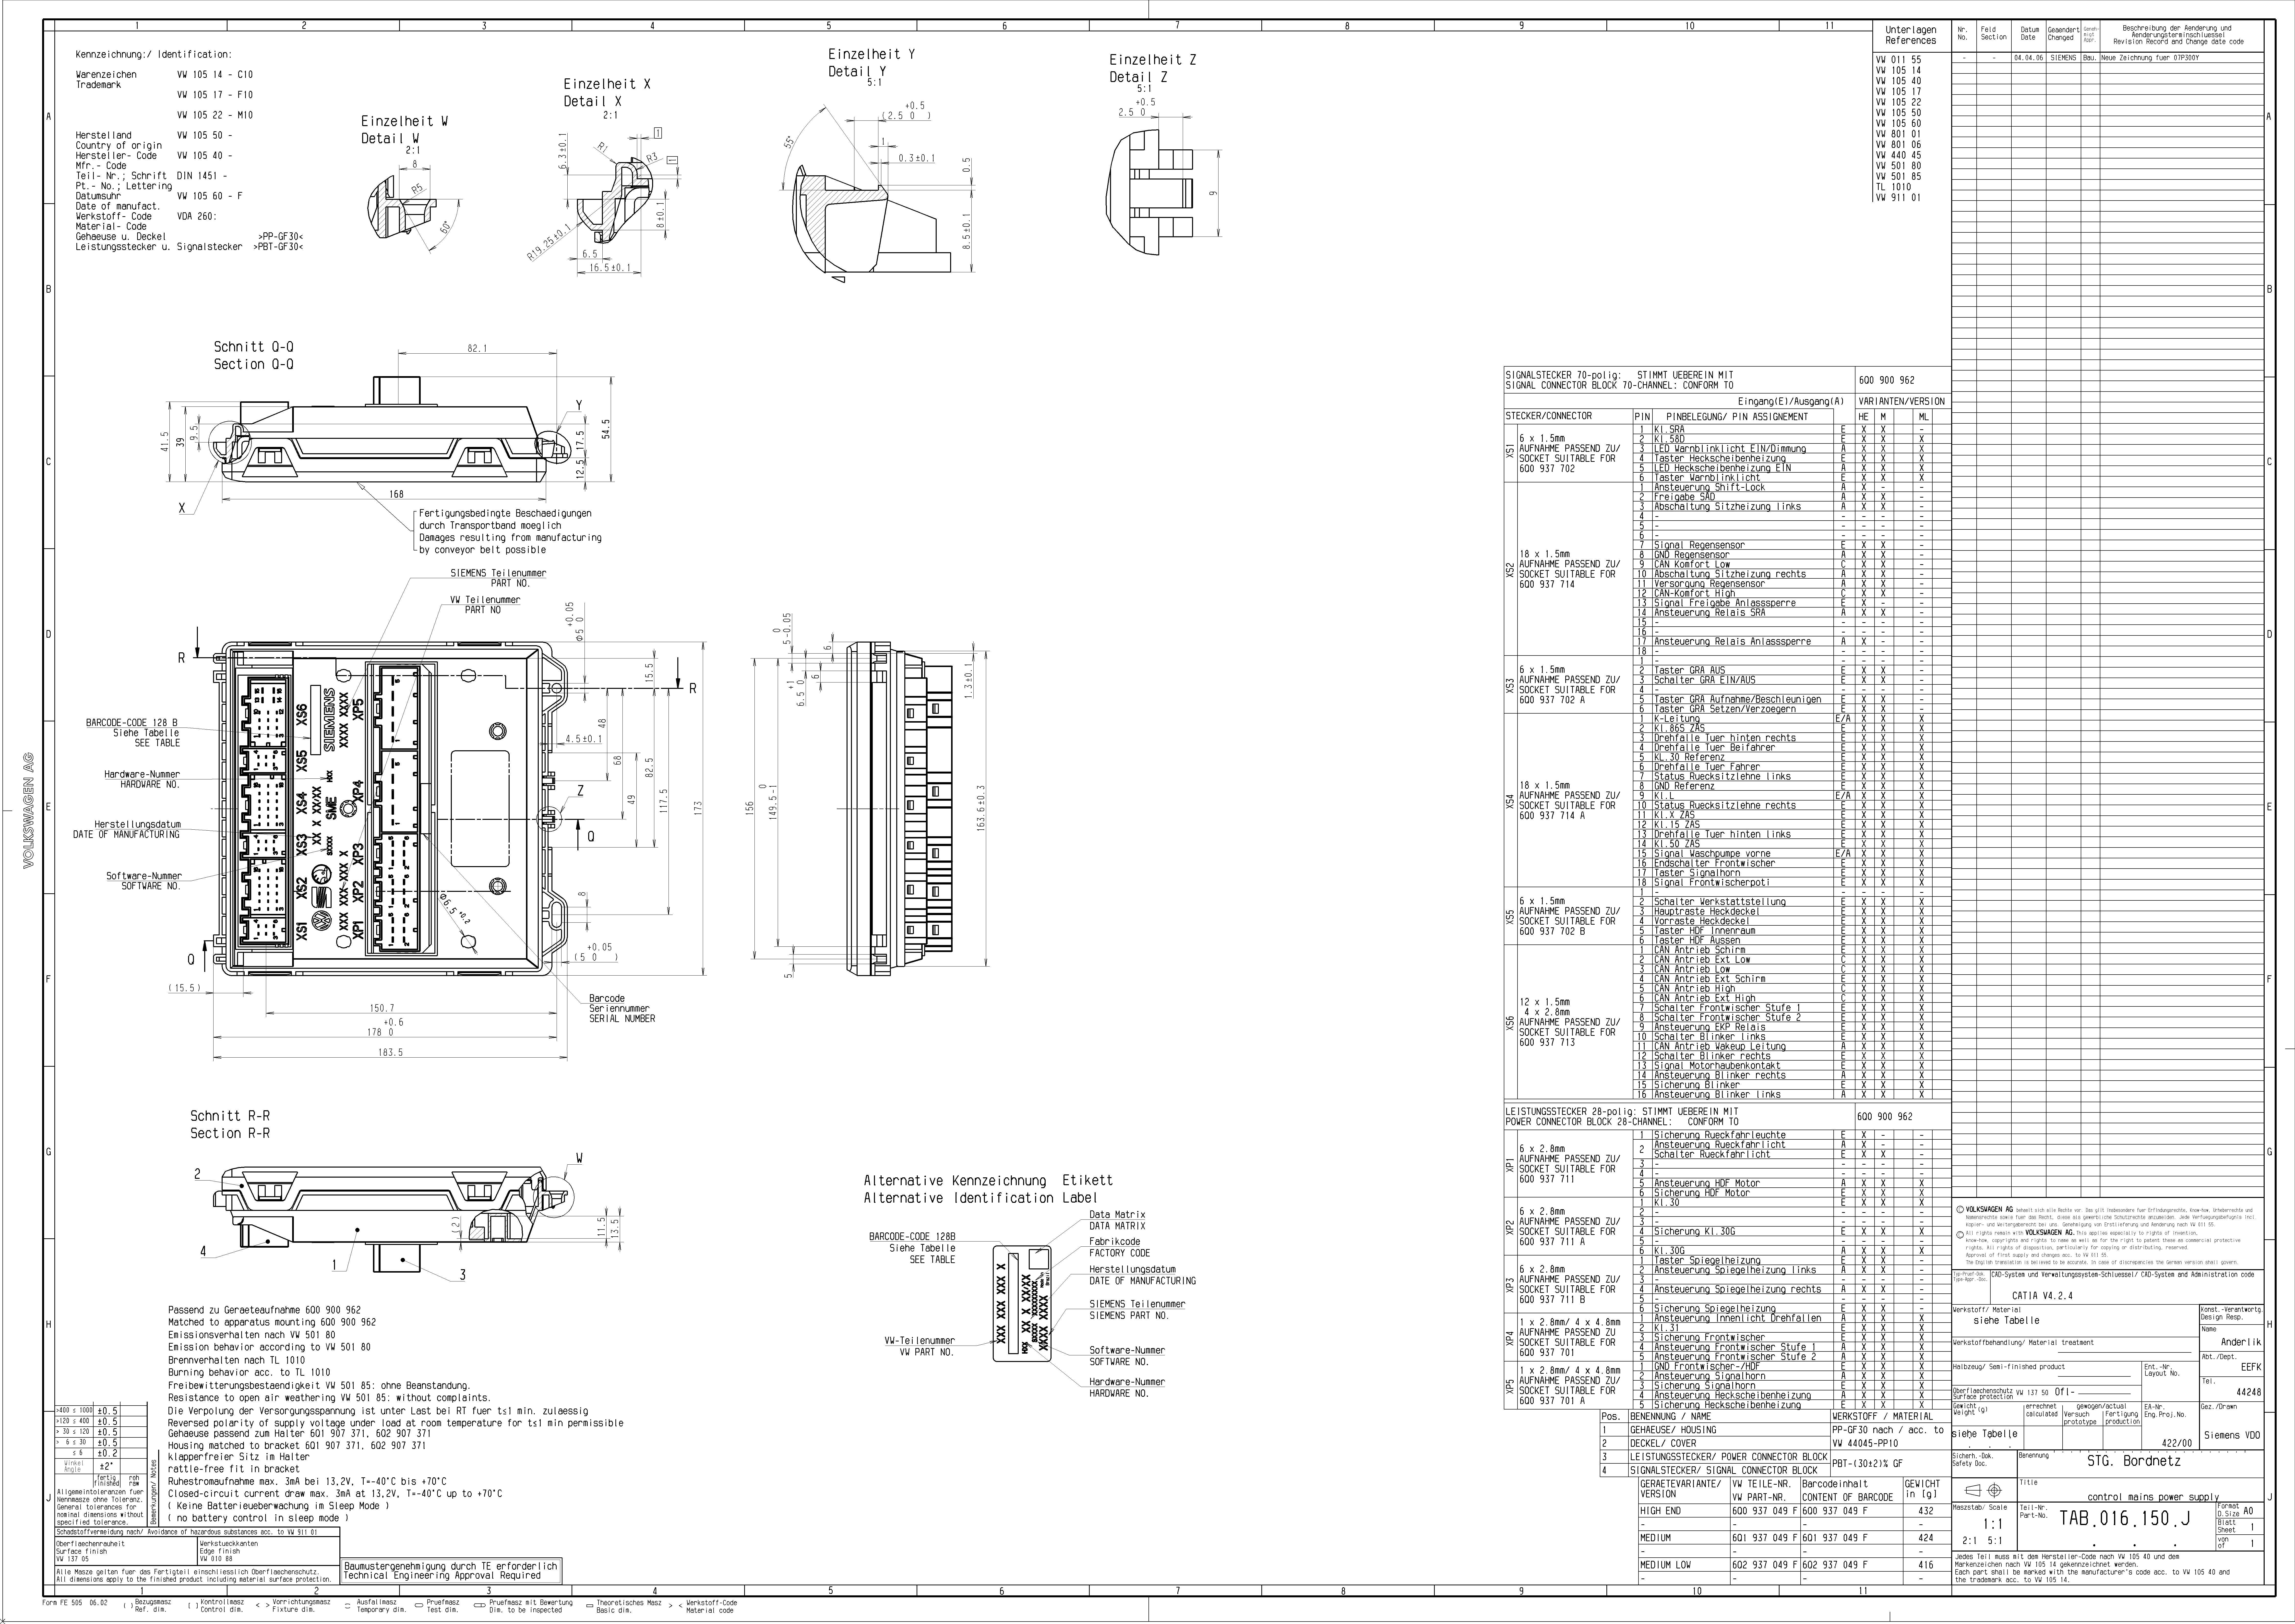 anleitungen 6l   6l  ea  einbau einer gra    tempomat im modell 6l - seite 5